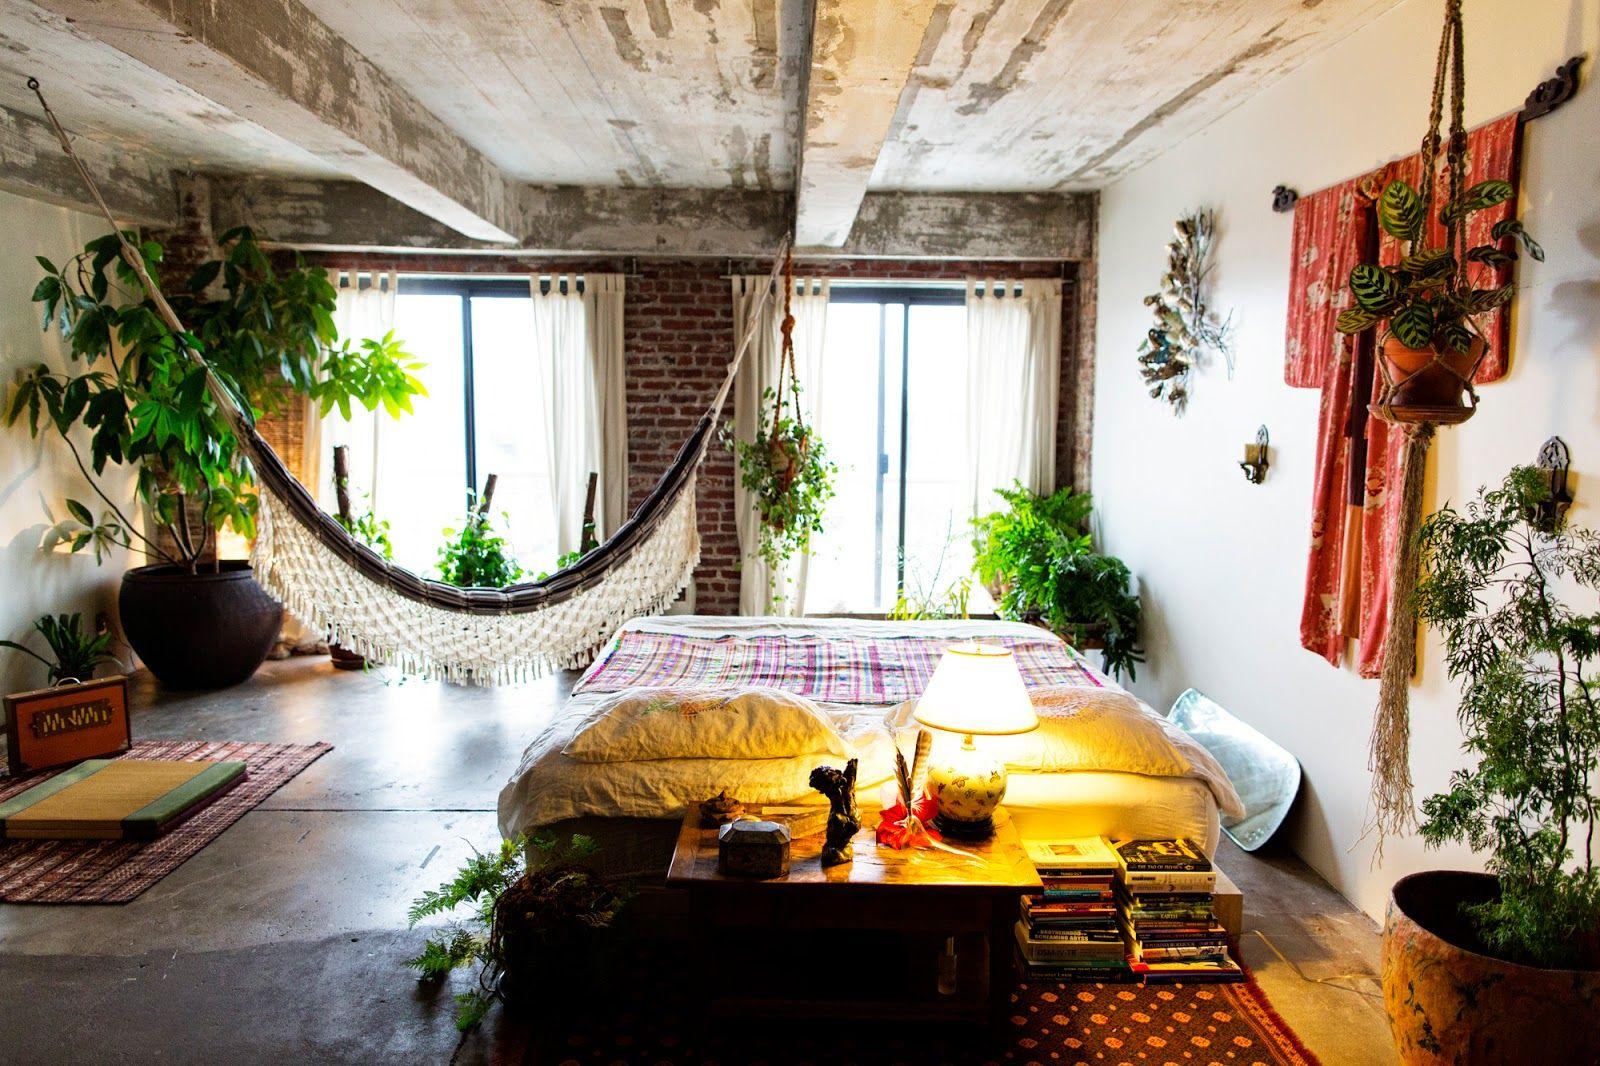 Wohnungseinrichtung Ideen   Alles In Der Natur Ist Einfach Und In Dieser  Einfachheit Vollkommen.Deshalb Müssen Nicht Ins Extreme Gehen,wenn Sie Ihr  Zuhause